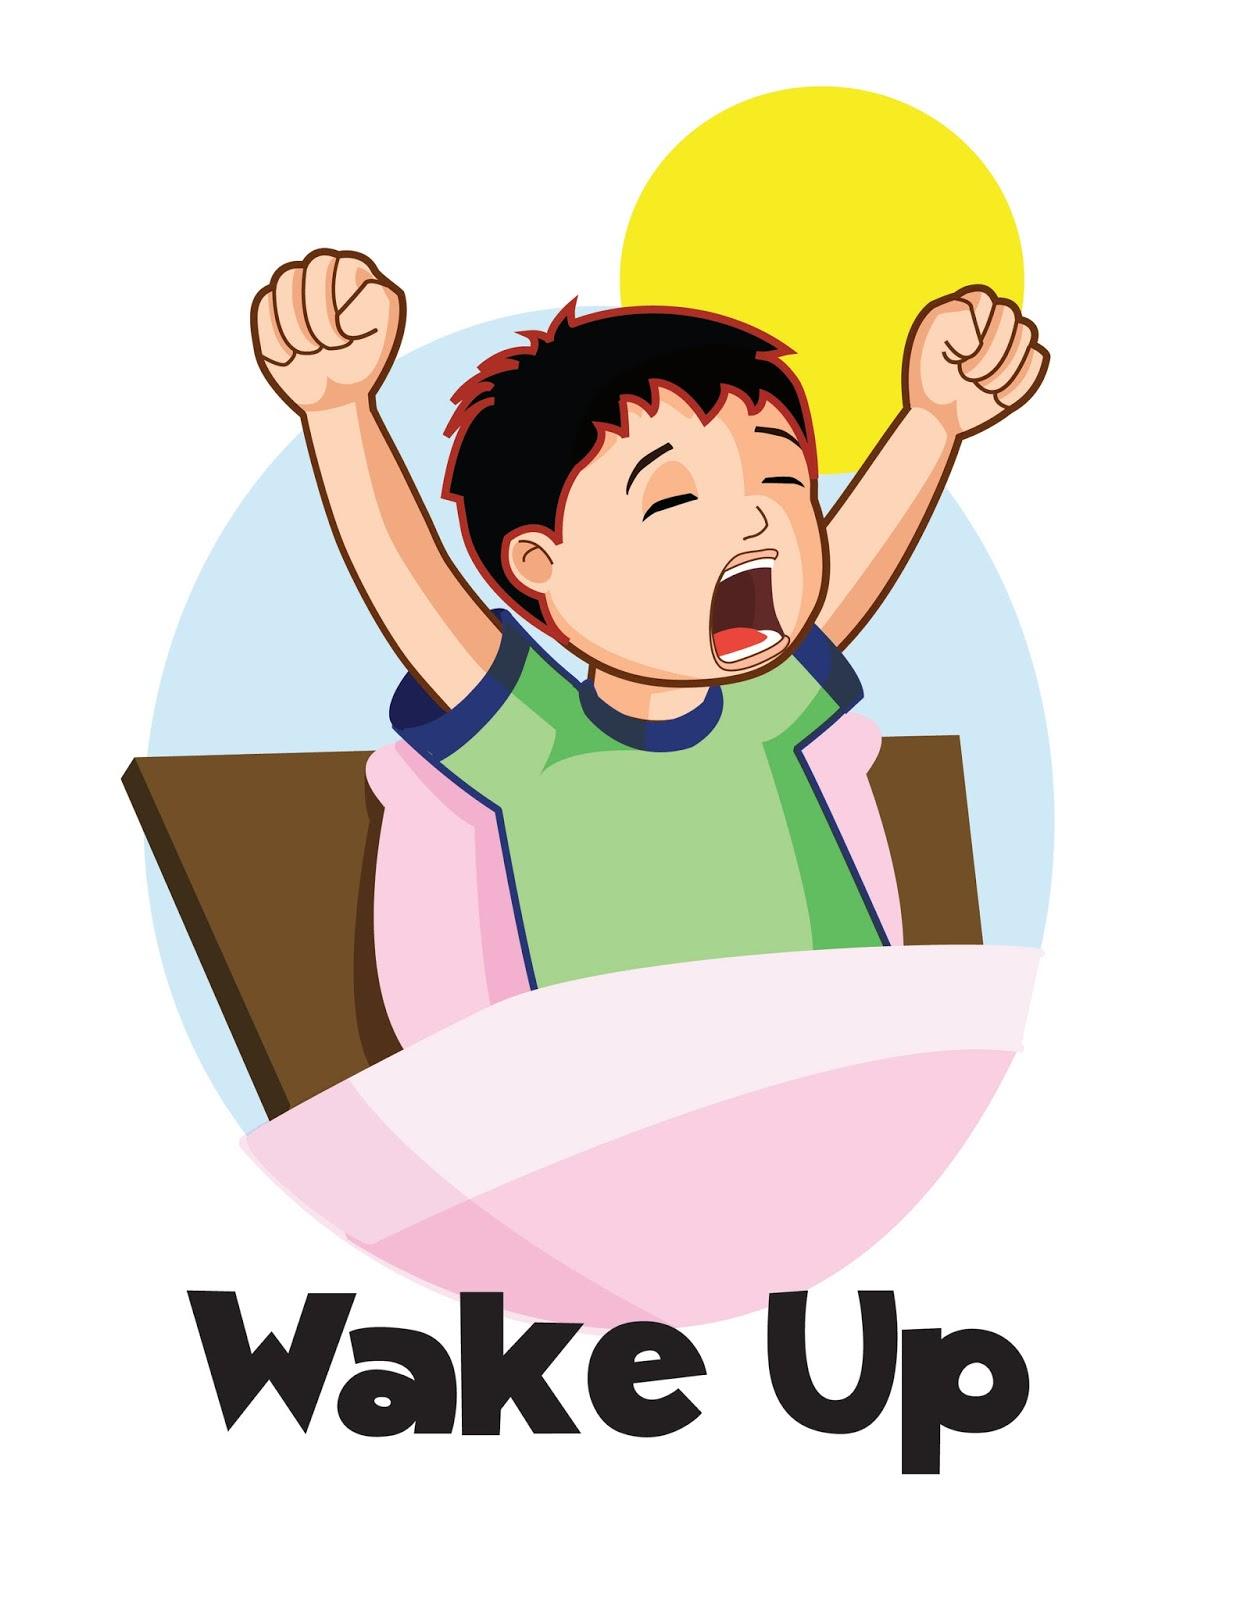 Bangun Tidur Kartun : bangun, tidur, kartun, Gambar, Orang, Bangun, Tidur, Kartun, Cikimm.com